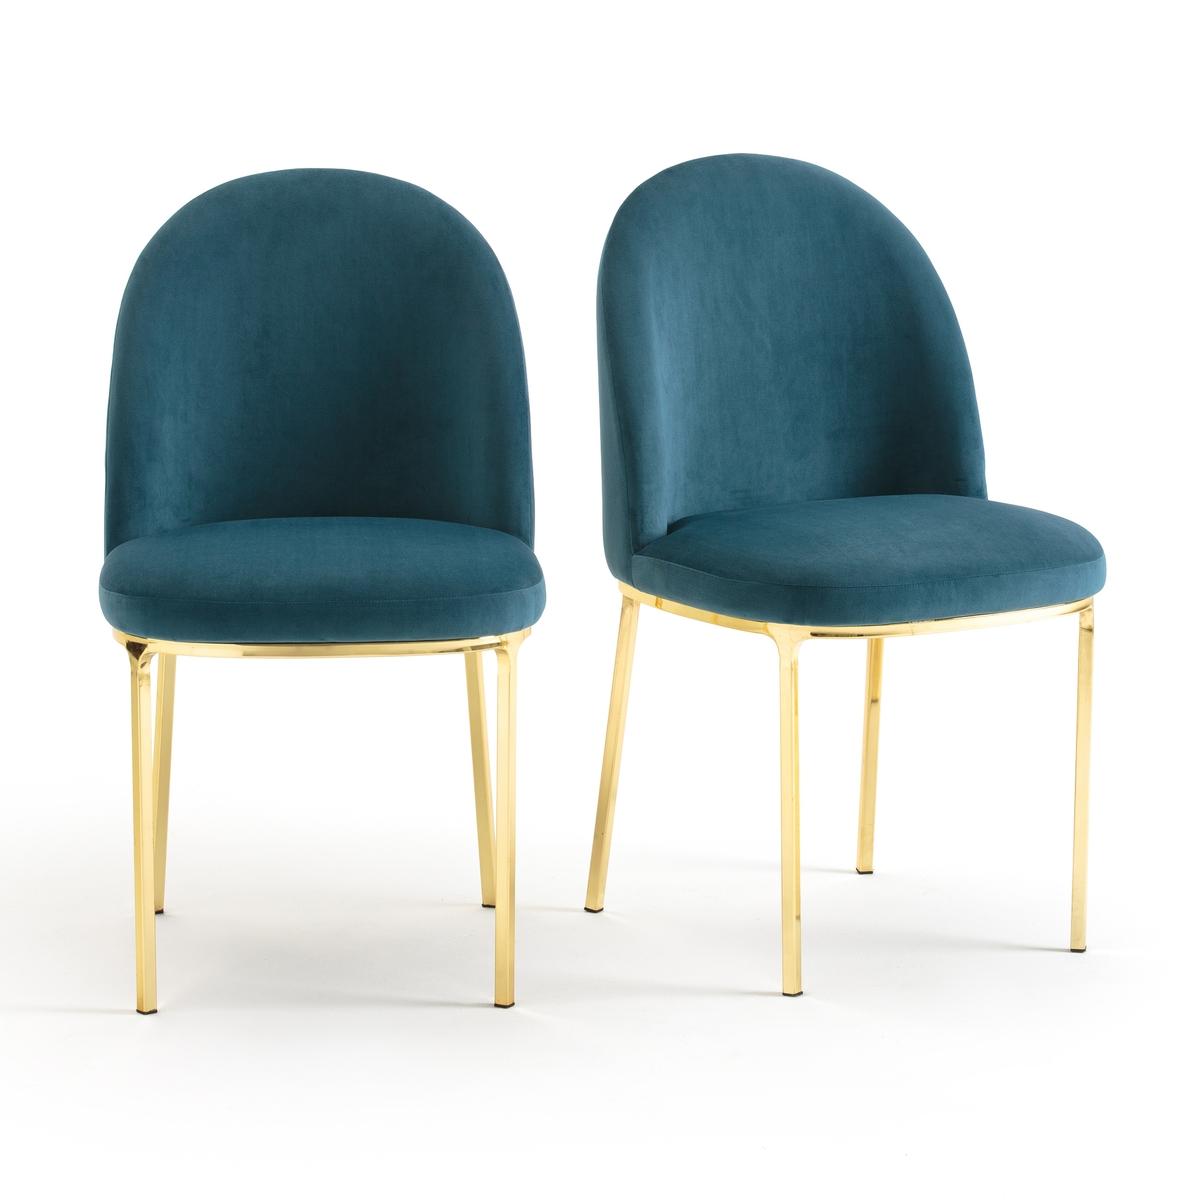 2 стула из велюра винтажных TOPIM2 стула из велюра TOPIM : удобные и эргономичные стулья в винтажном стиле с вышивкой . Характеристики стульев Topim :Каркас и ножки из стали с золотистым покрытием Каркас сиденья из фанеры с ПУ-наполнителем Обивка из велюра 100% полиэстер Другие модели коллекции Topim можно найти на laredoute.ru.Размеры стульев Topim :Ширина : 45 смВысота : 83 смГлубина : 54,5 см СиденьеШирина 45 см.Высота 48 смГлубина 42,5 см  Размеры и вес упаковки :1 упаковкаL 68 x H 103 x P 50 см Вес : 17.70 кг . Доставка :Стулья Topim продаются в собранном виде . Возможна доставка до квартиры по предварительному согласованию! Внимание! Убедитесь, что посылку возможно доставить на дом, учитывая ее габариты<br><br>Цвет: розовая пудра,серый,сине-зеленый